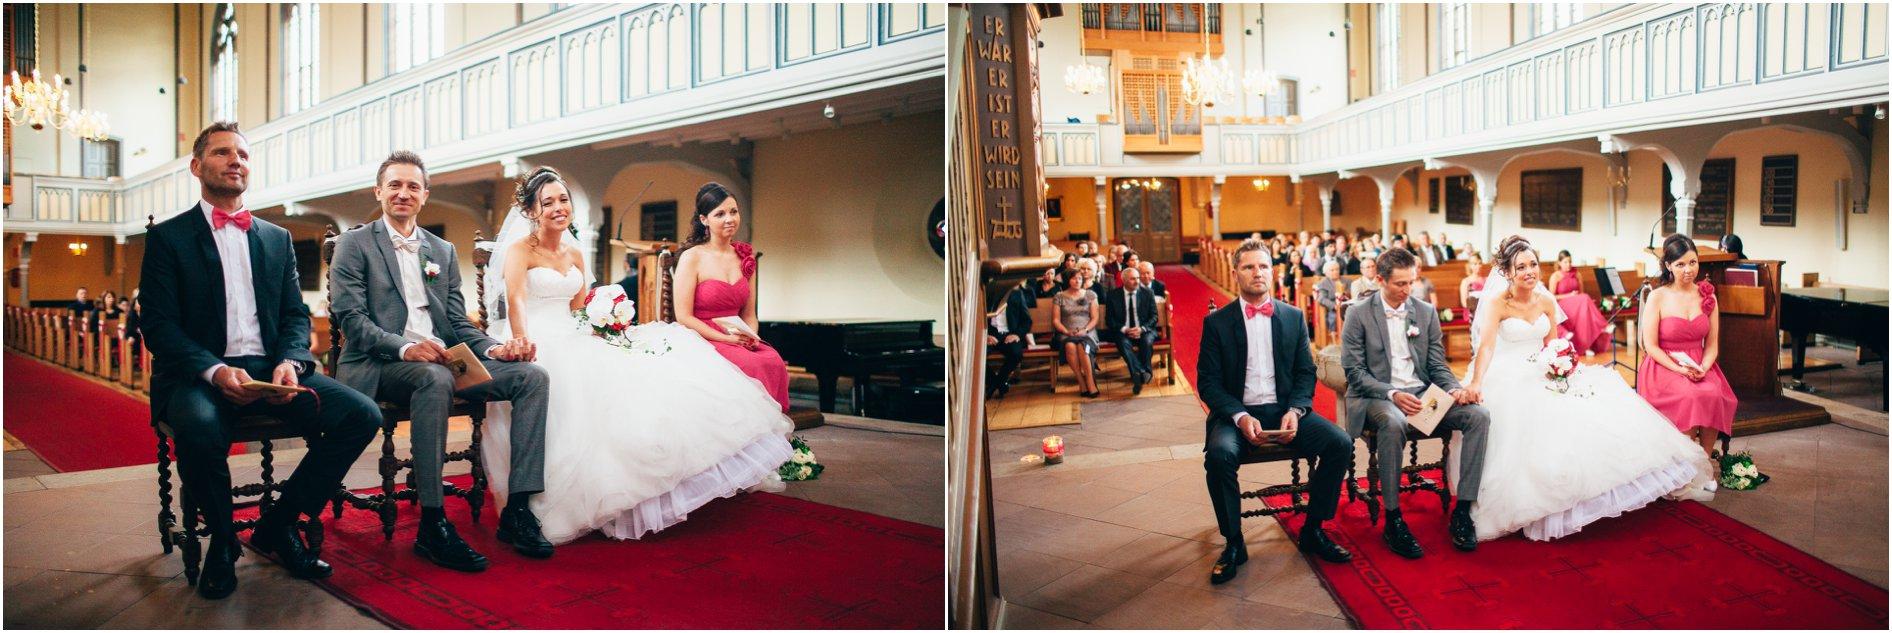 2014-07-16_0176 Anna & Igor - Hochzeitsfotograf in Bremen